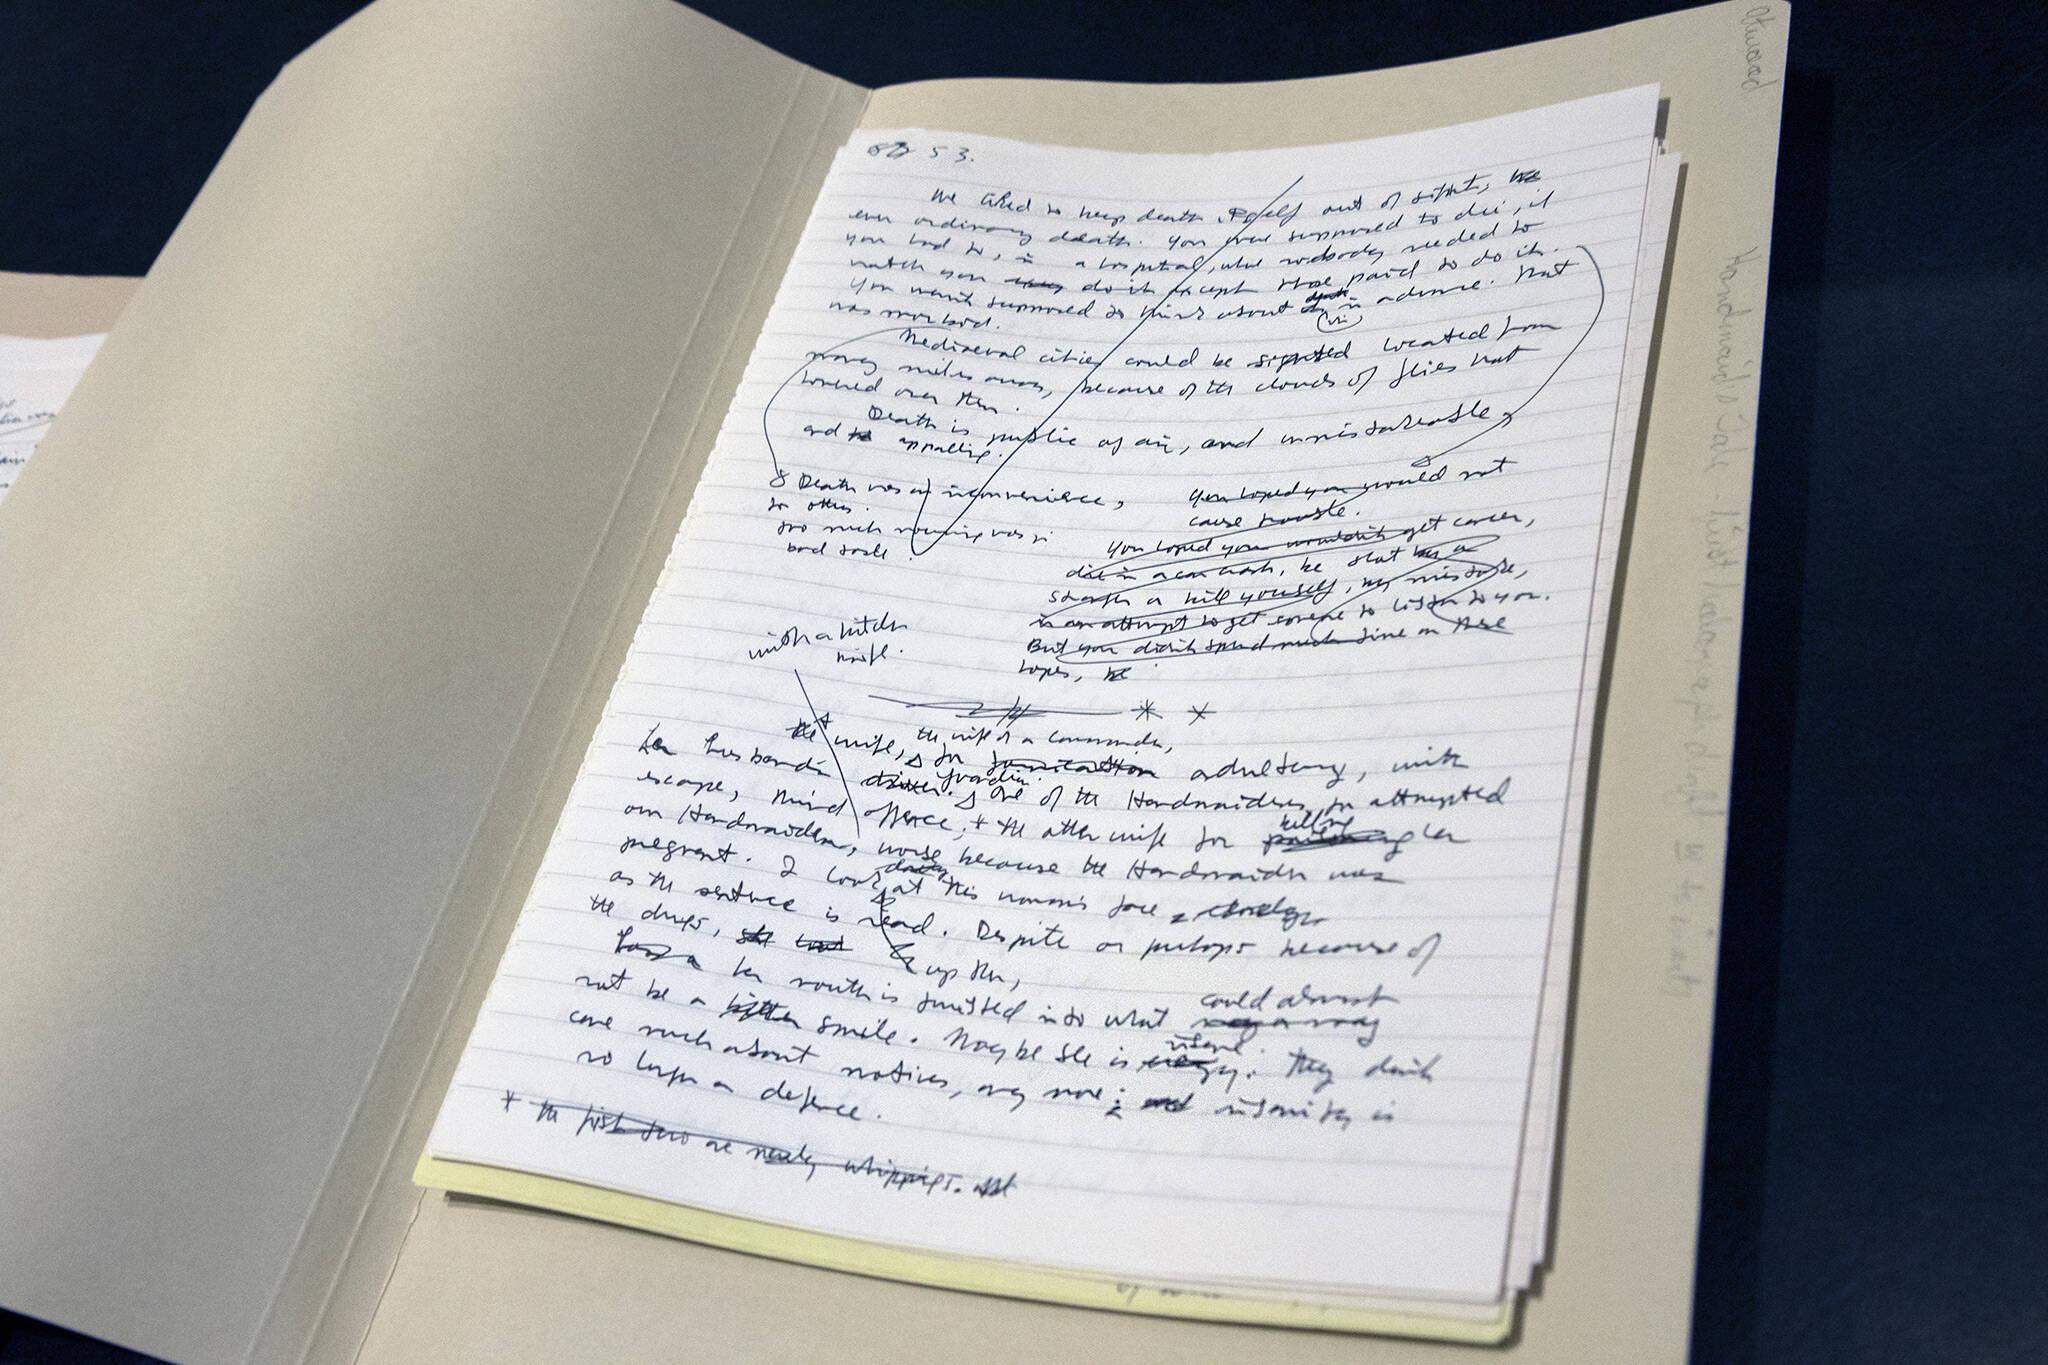 handmaid's tale draft